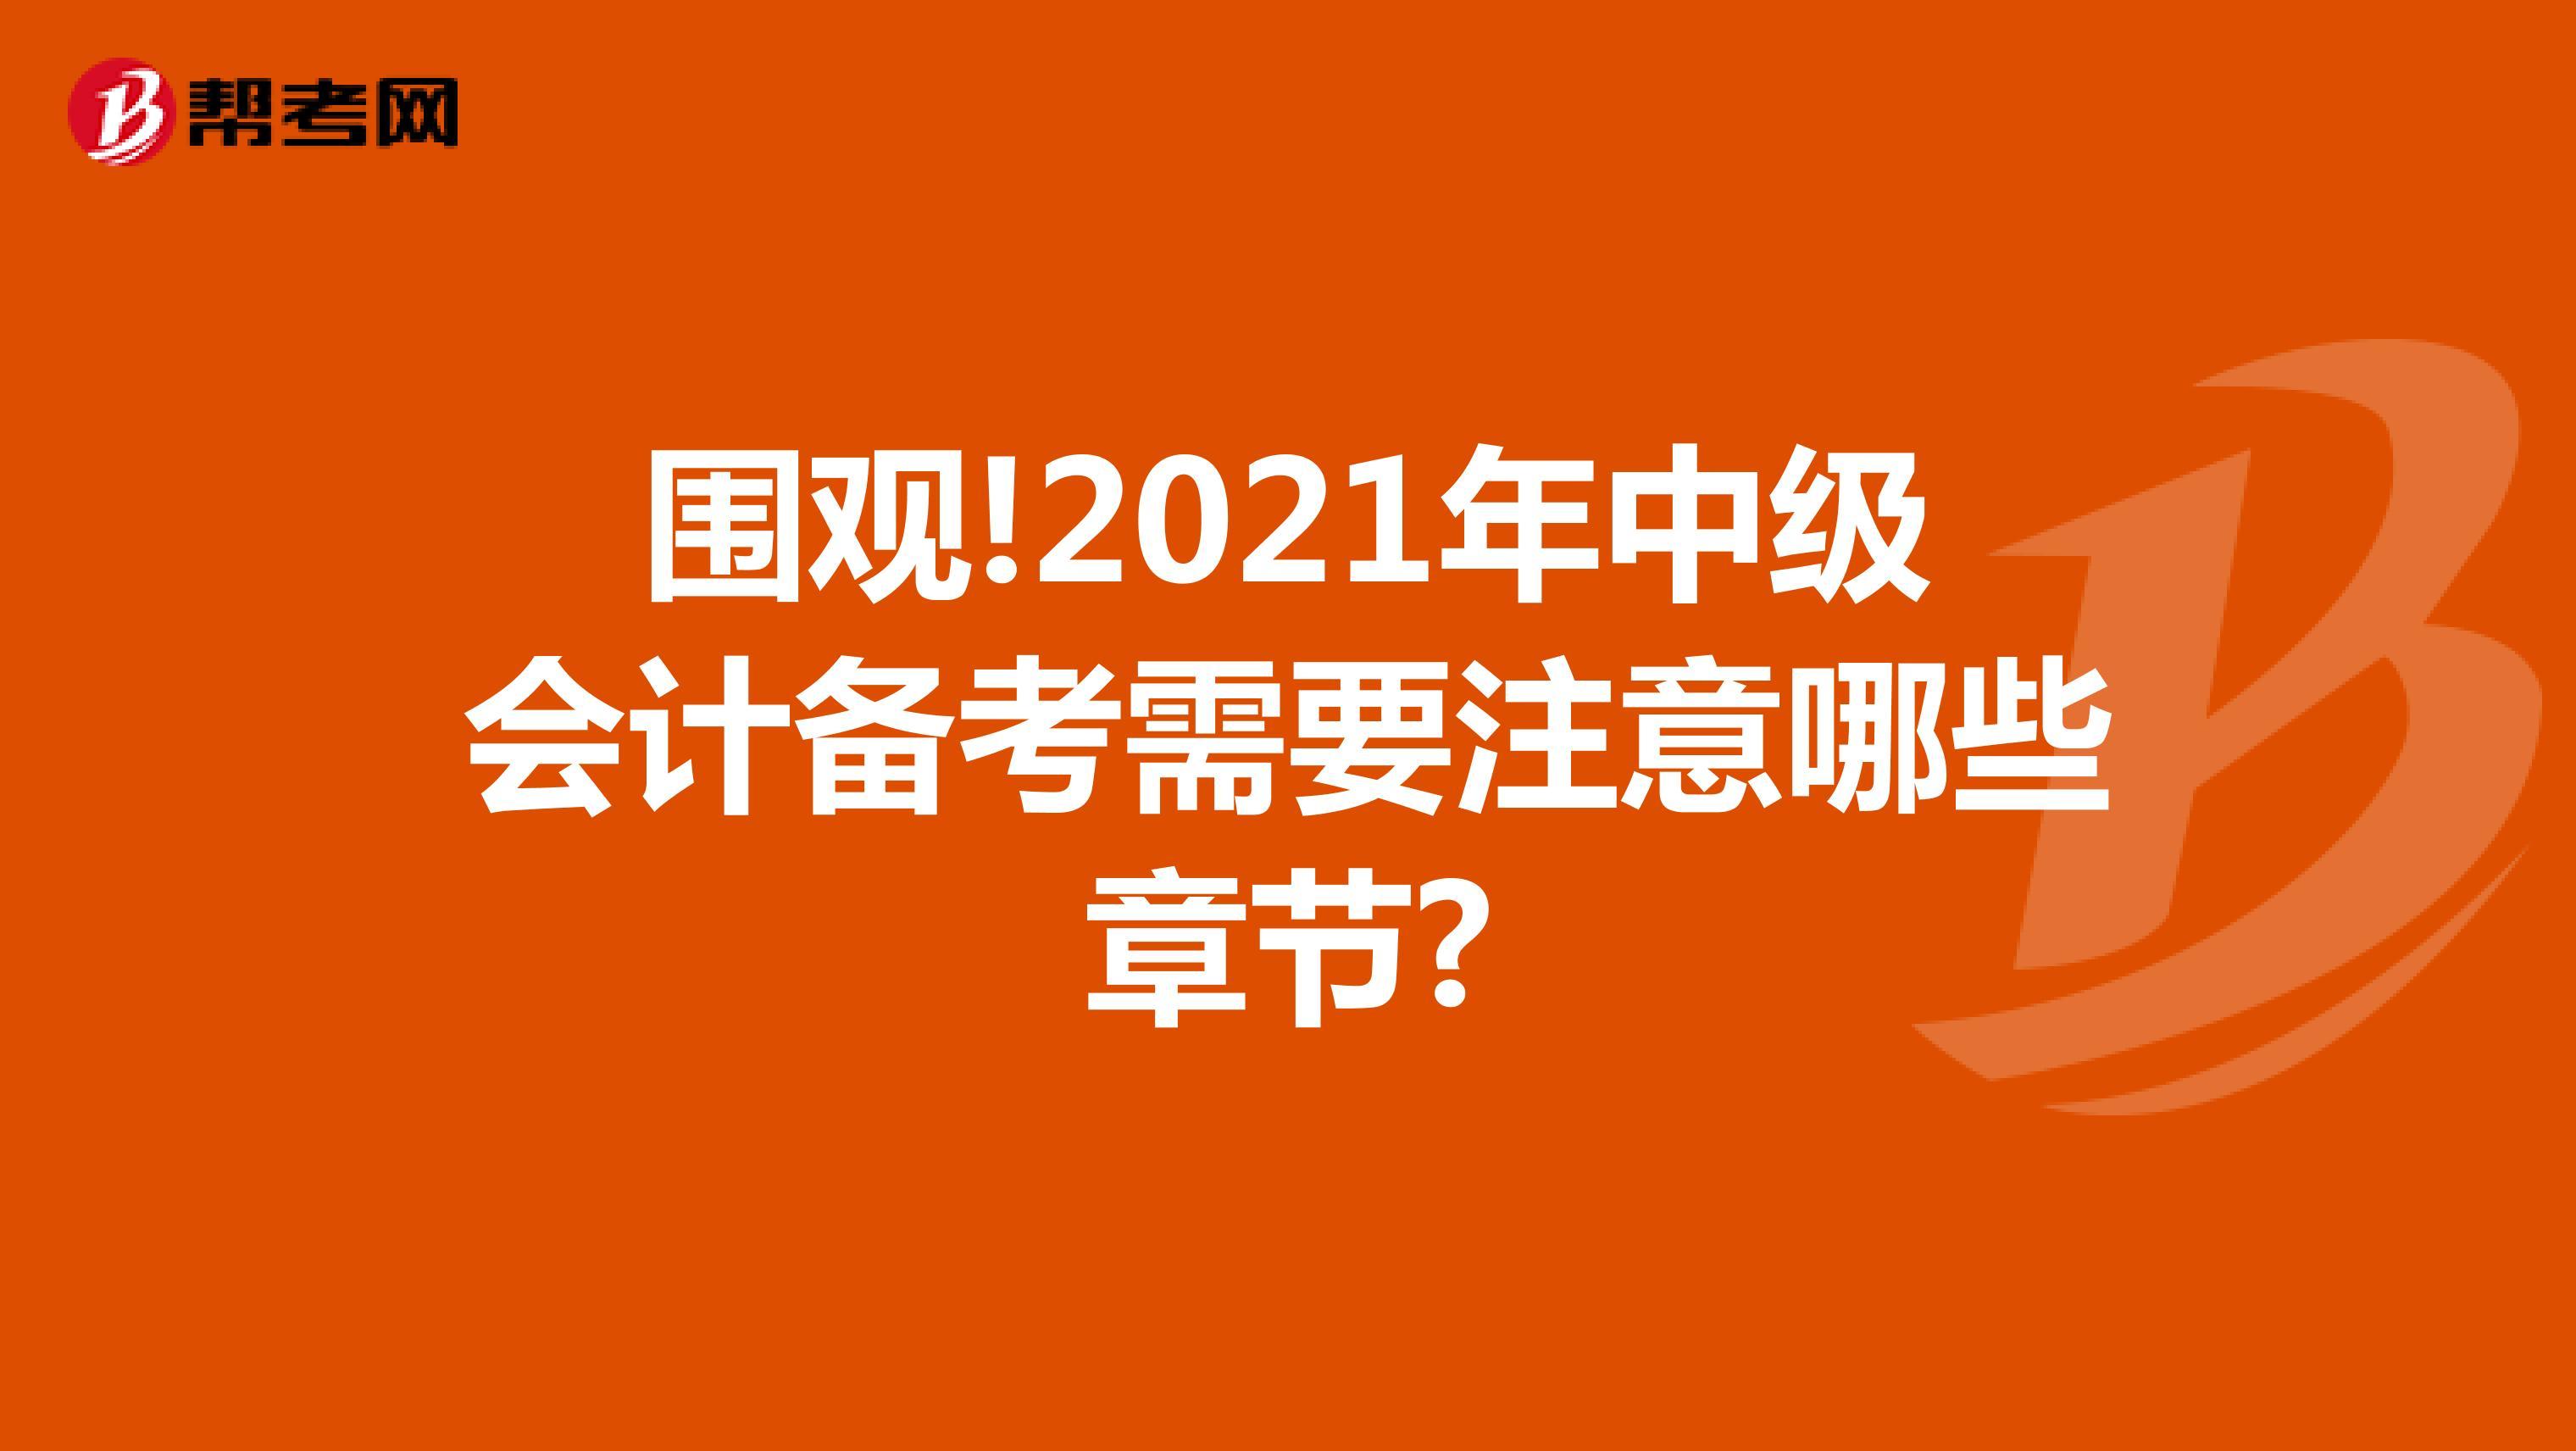 围观!2021年首页官网雷火需要注意哪些章节?